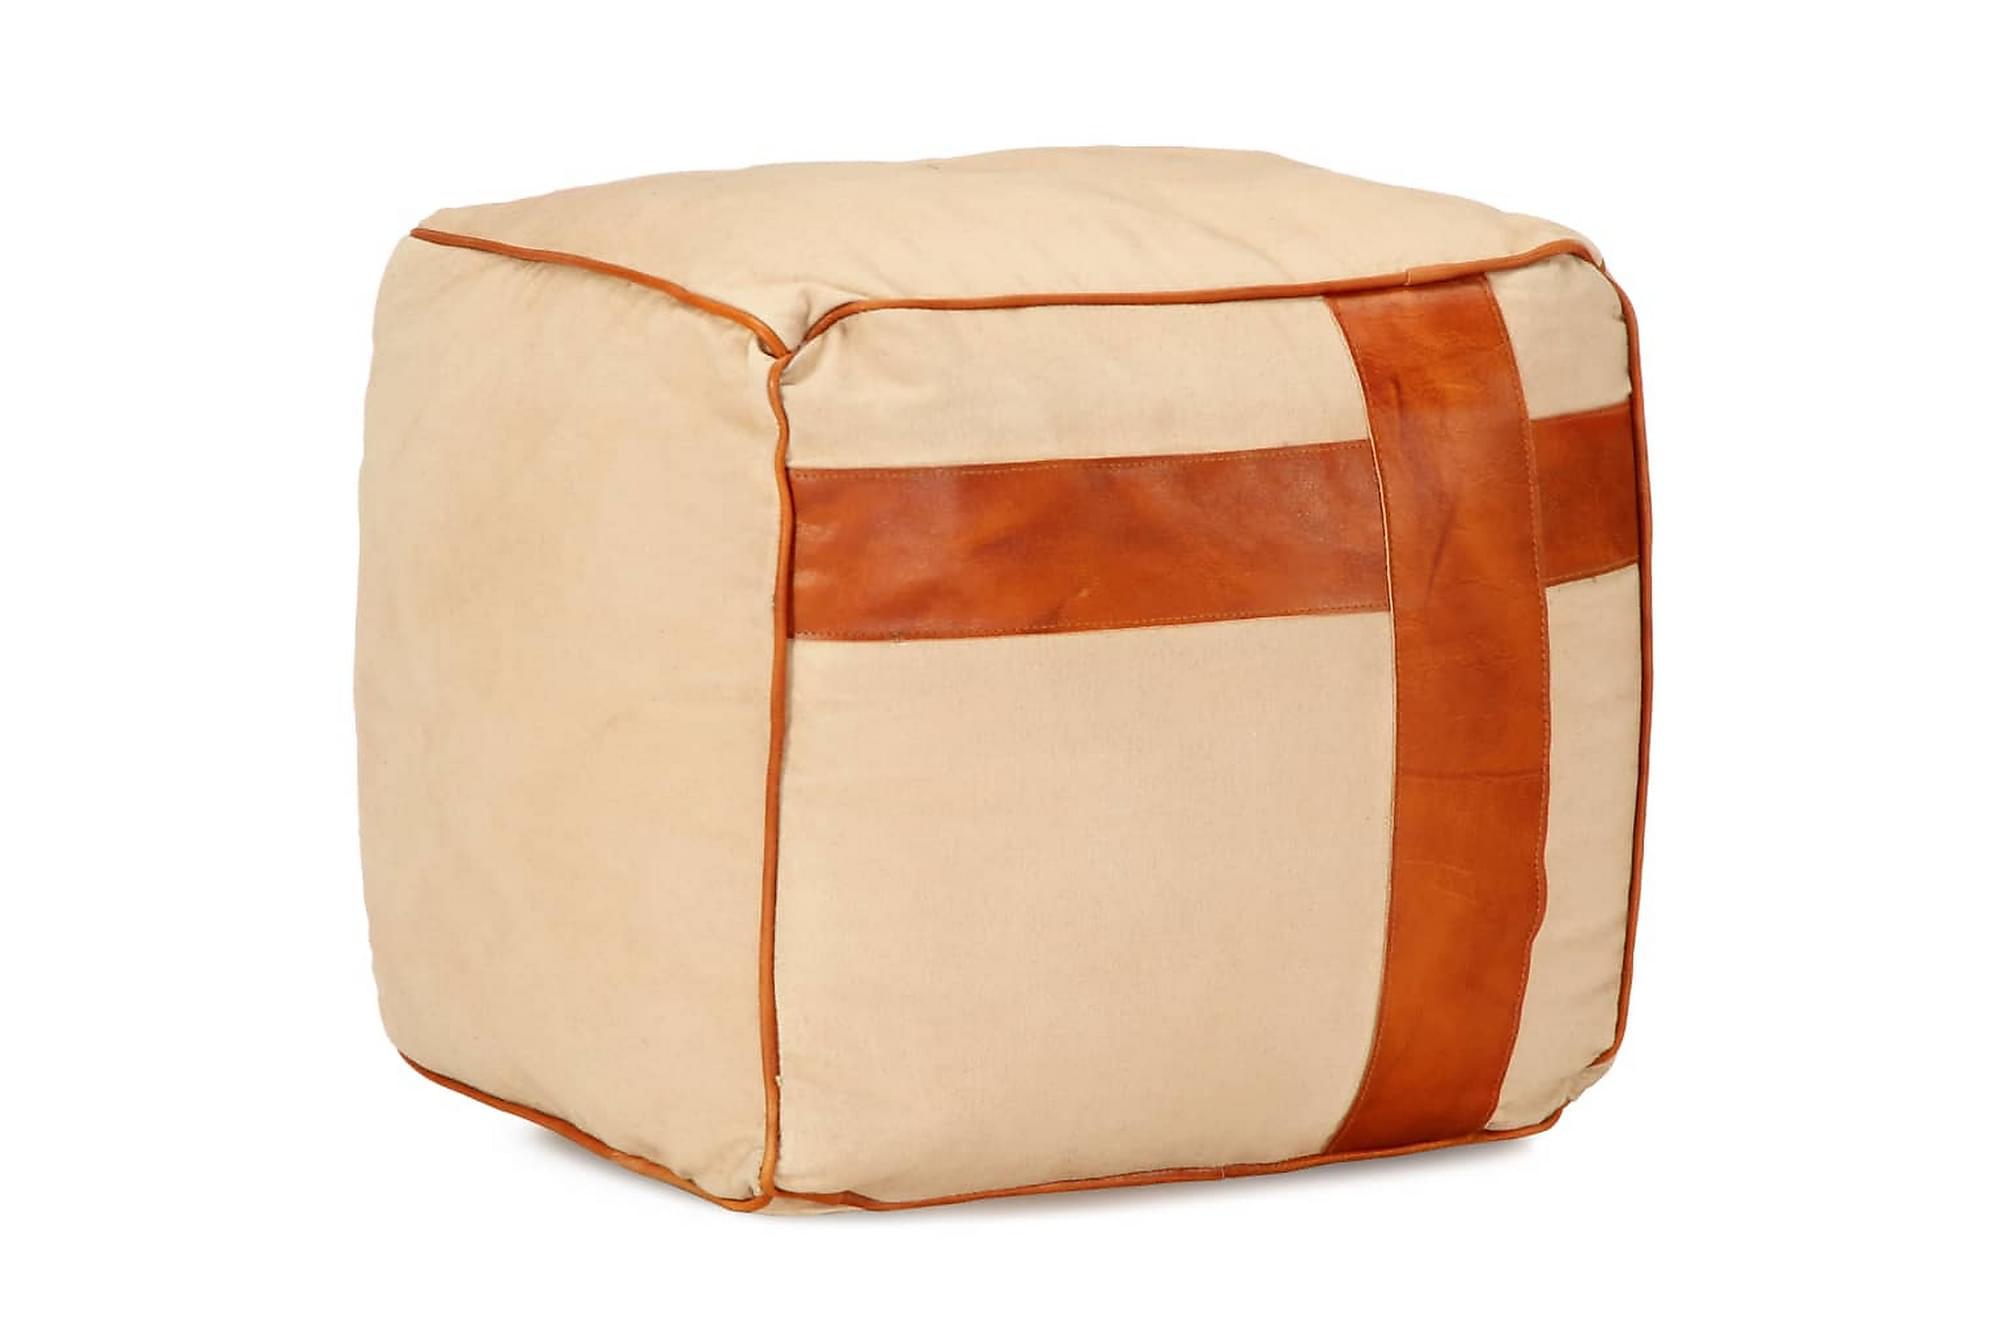 Sittpuff beige 40x40x40 cm bomullskanvas och läder